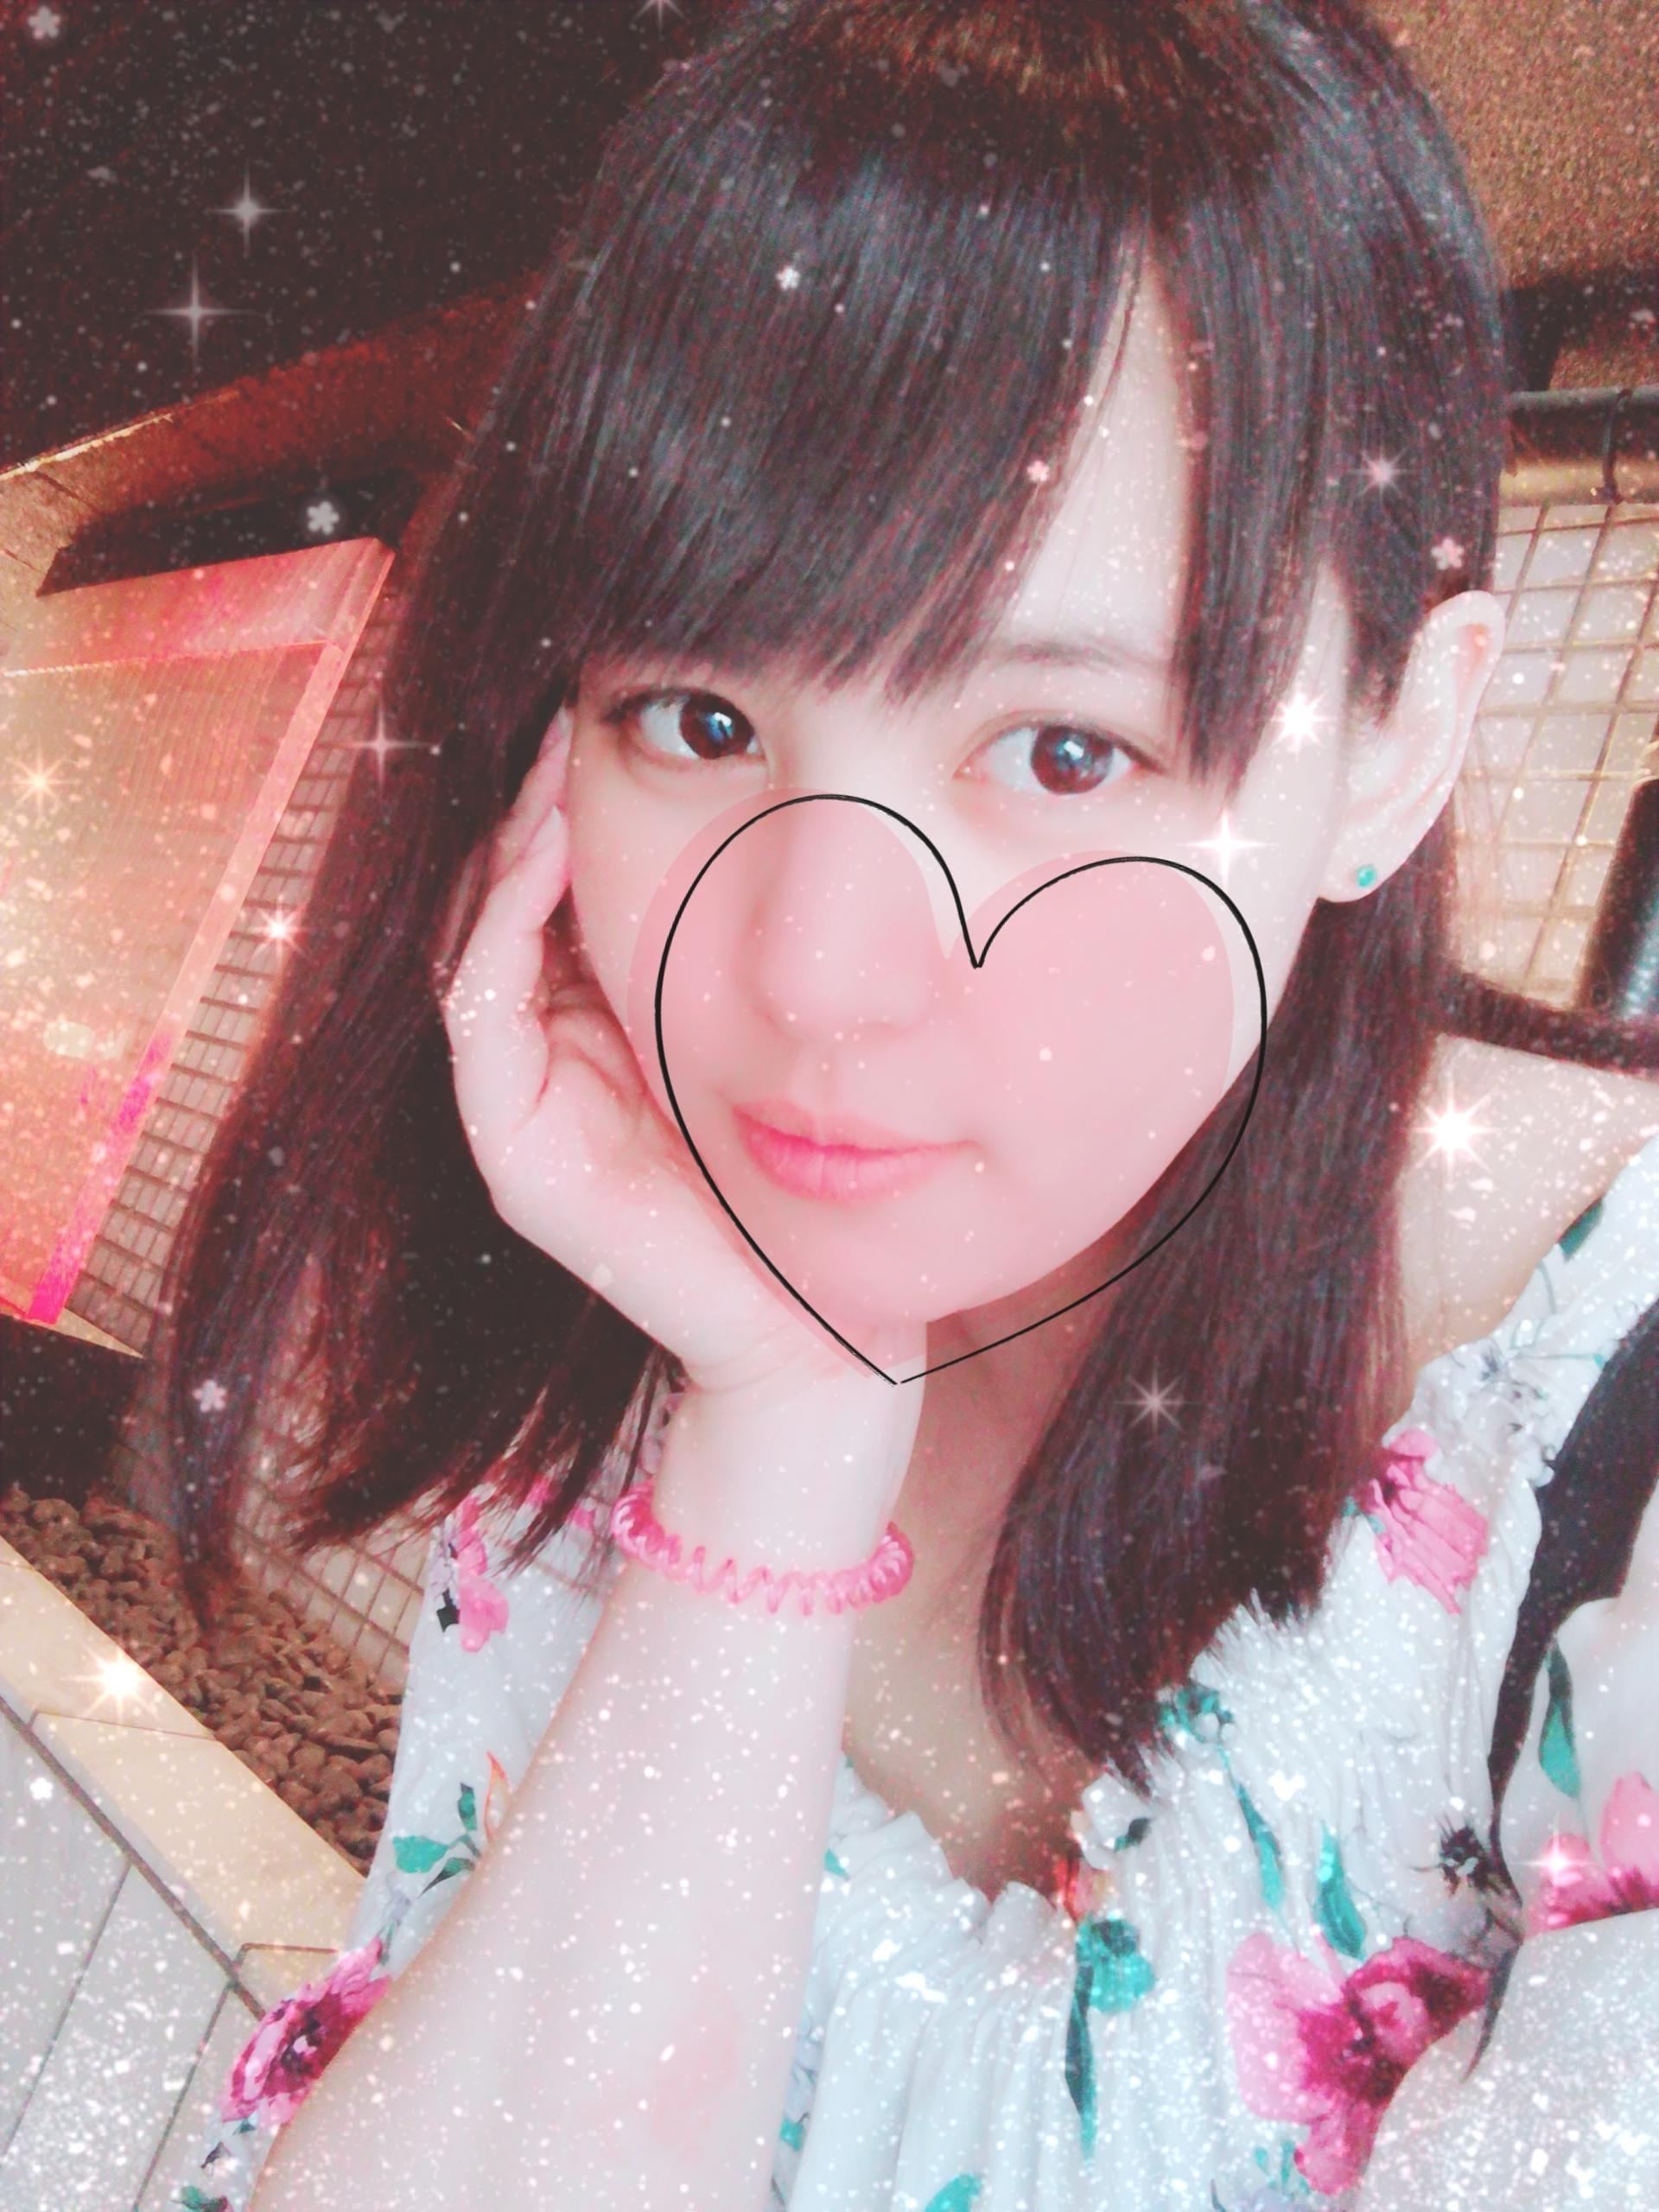 「♪」06/25(06/25) 16:52   りなの写メ・風俗動画